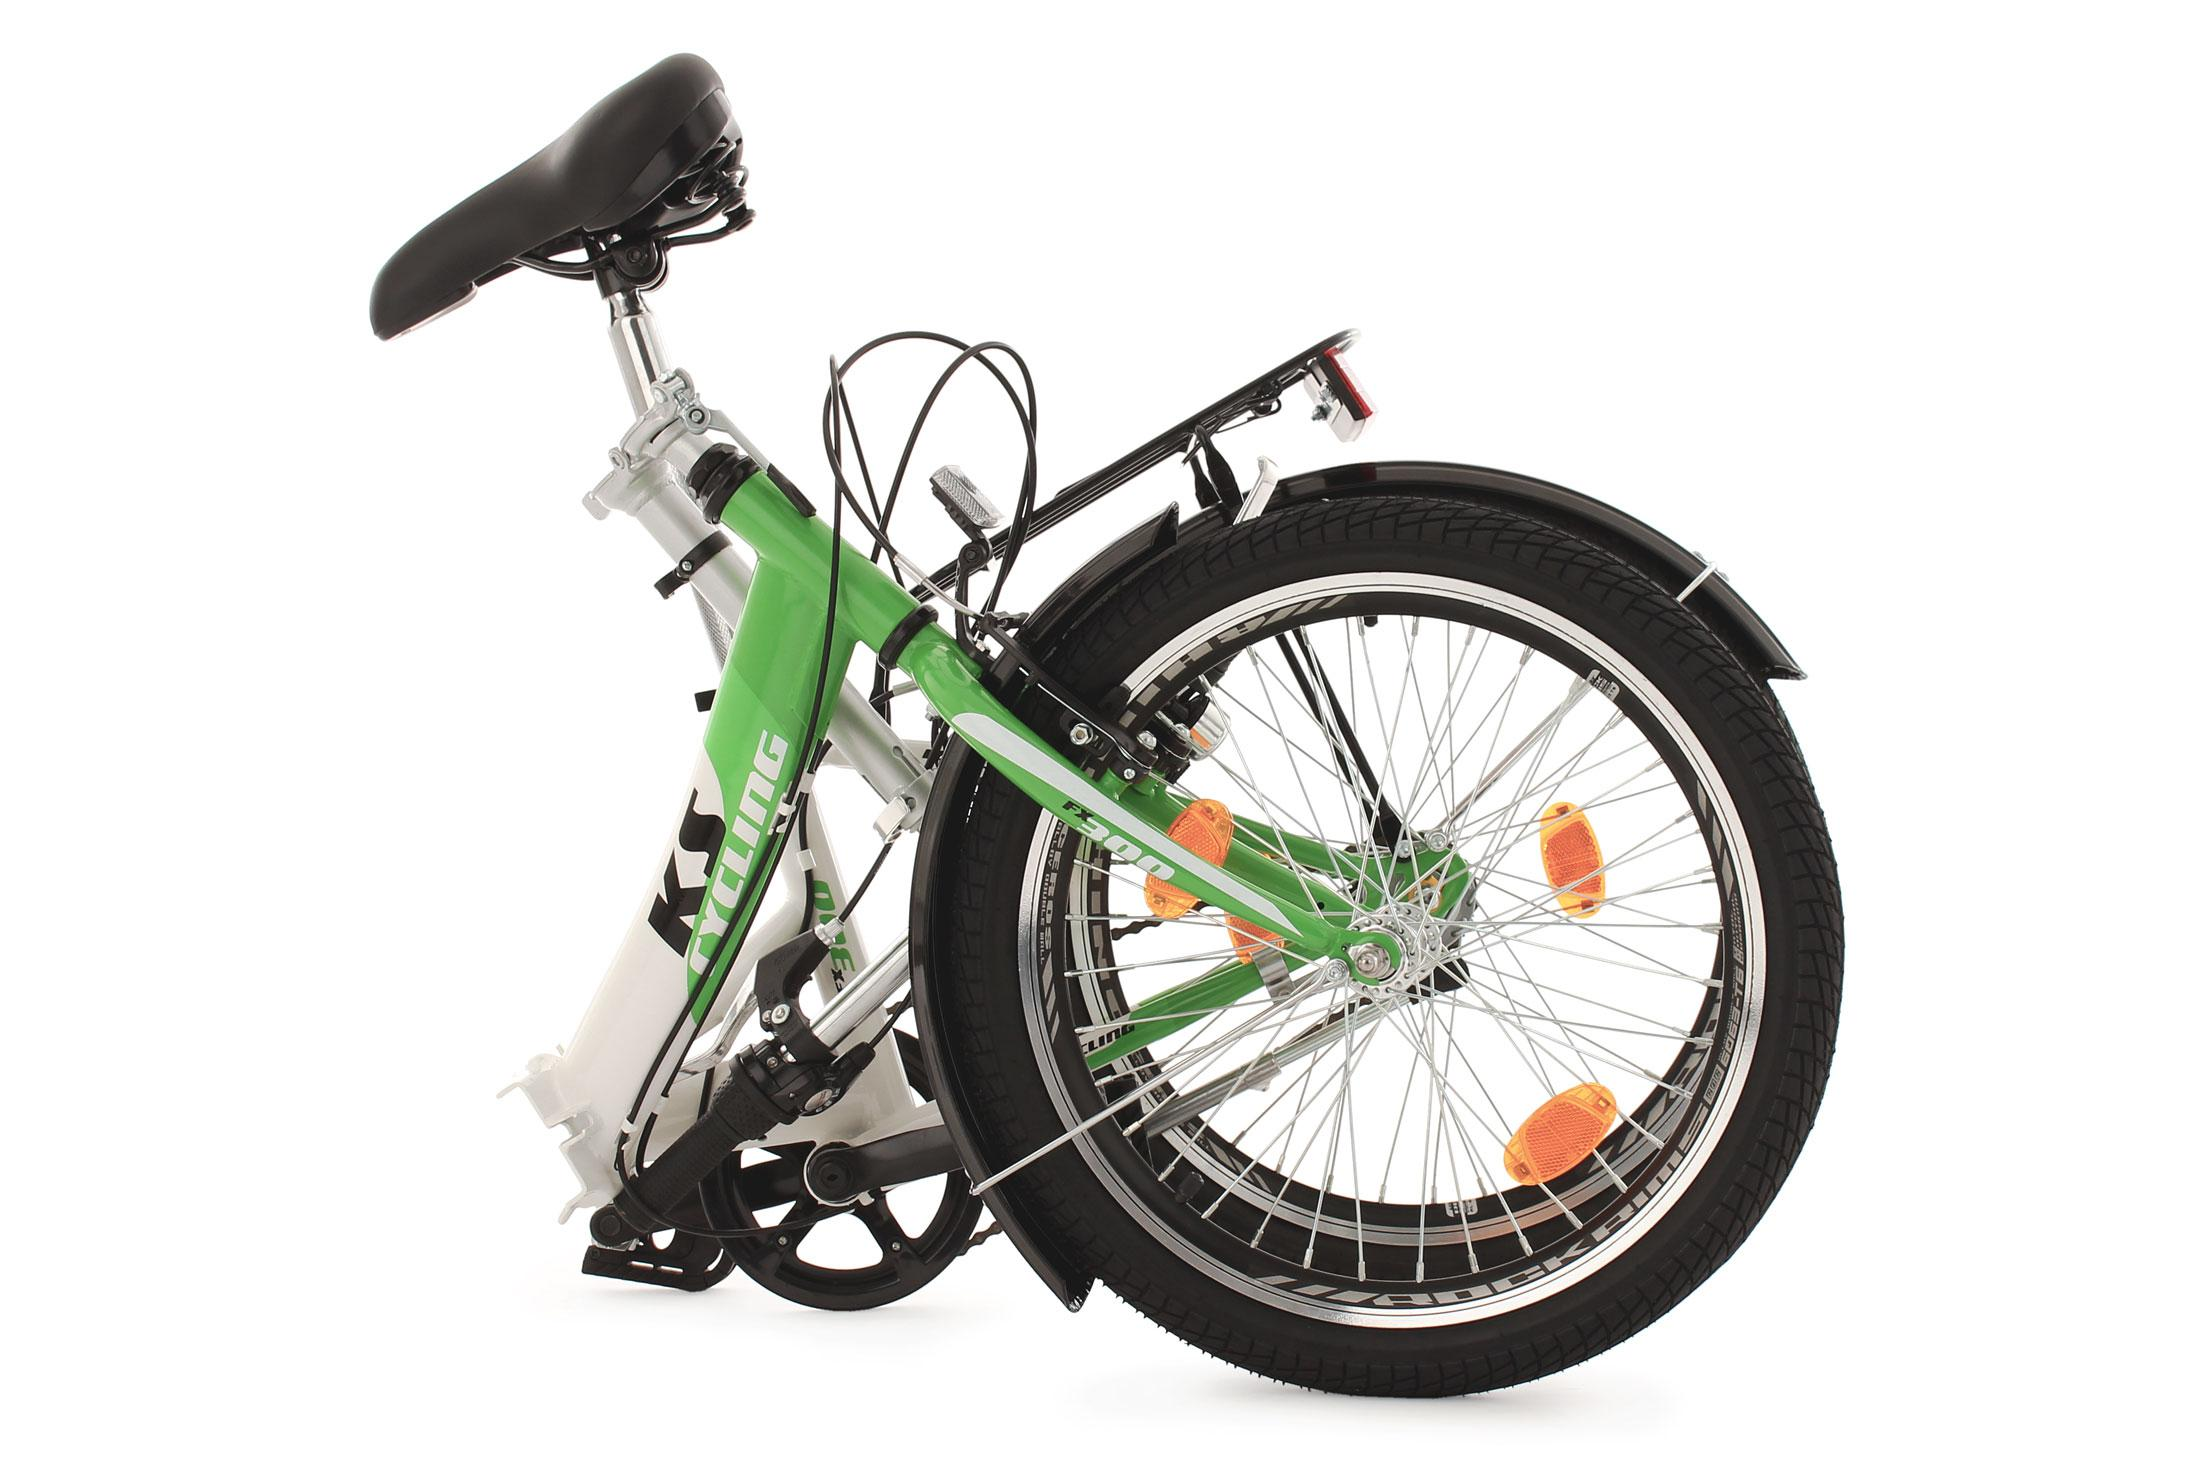 ks cycling fahrrad klapprad fx300 3 g nge gr n weiss 20. Black Bedroom Furniture Sets. Home Design Ideas